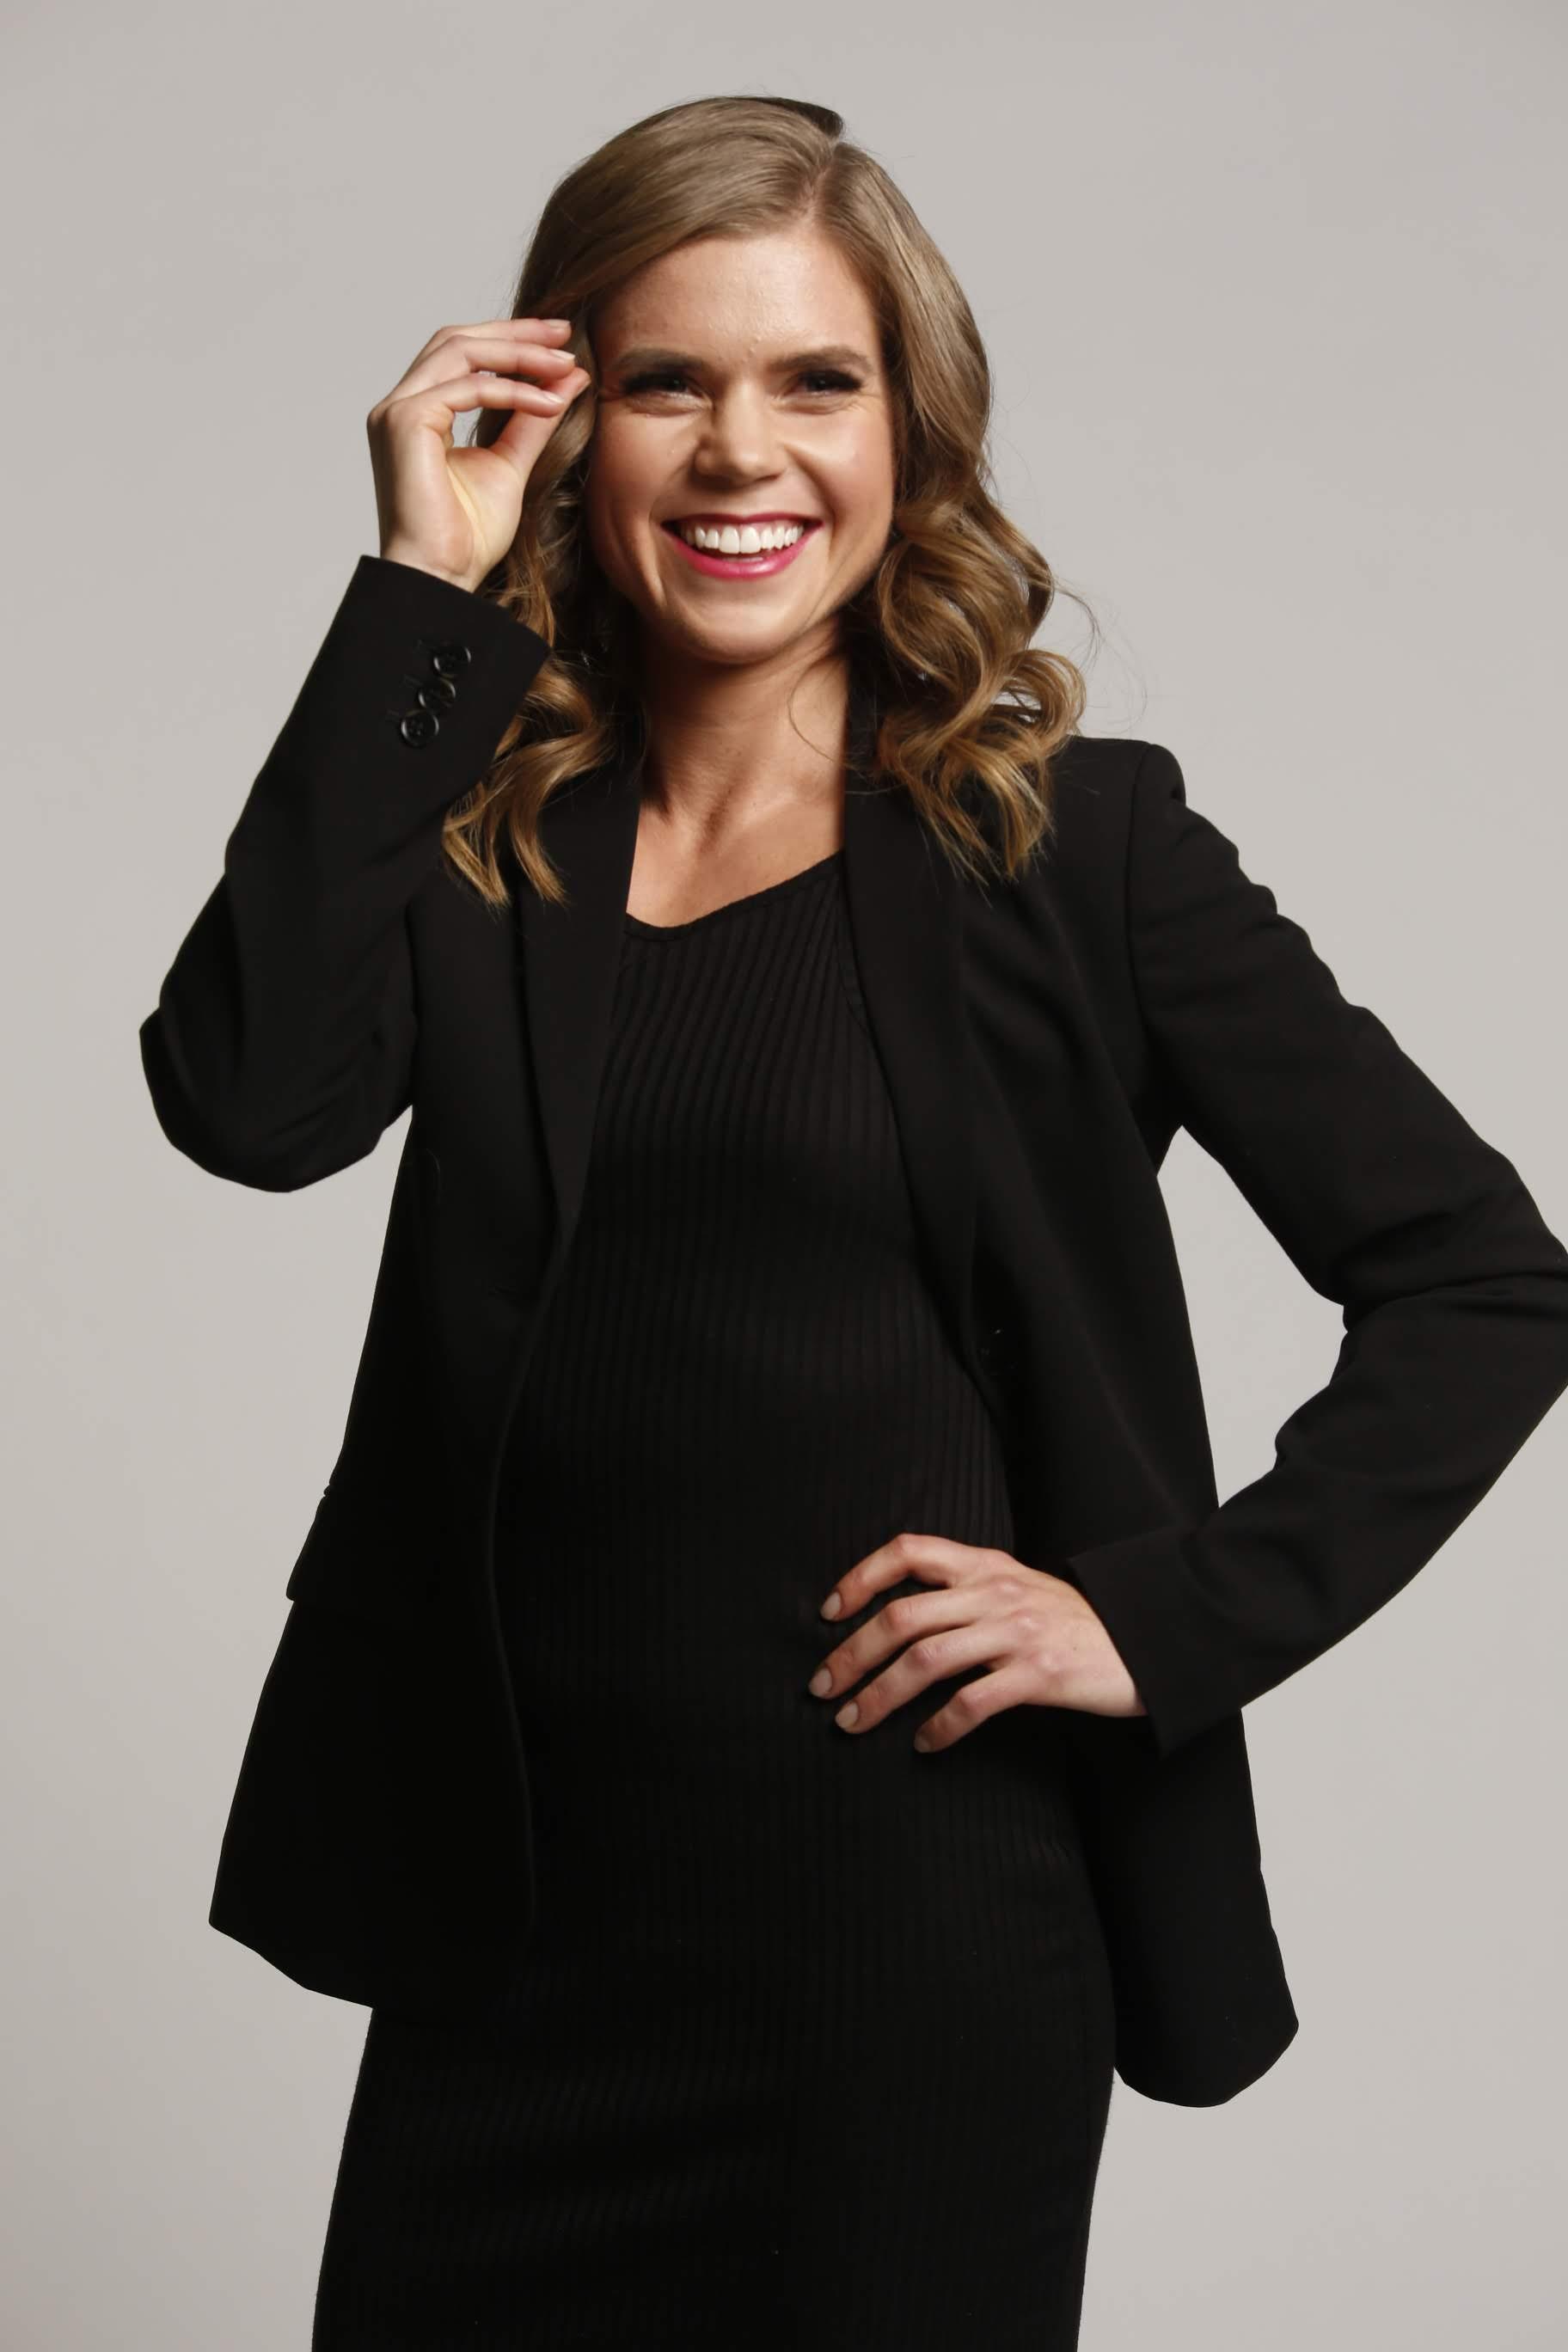 Standup comedian Lauren Rice